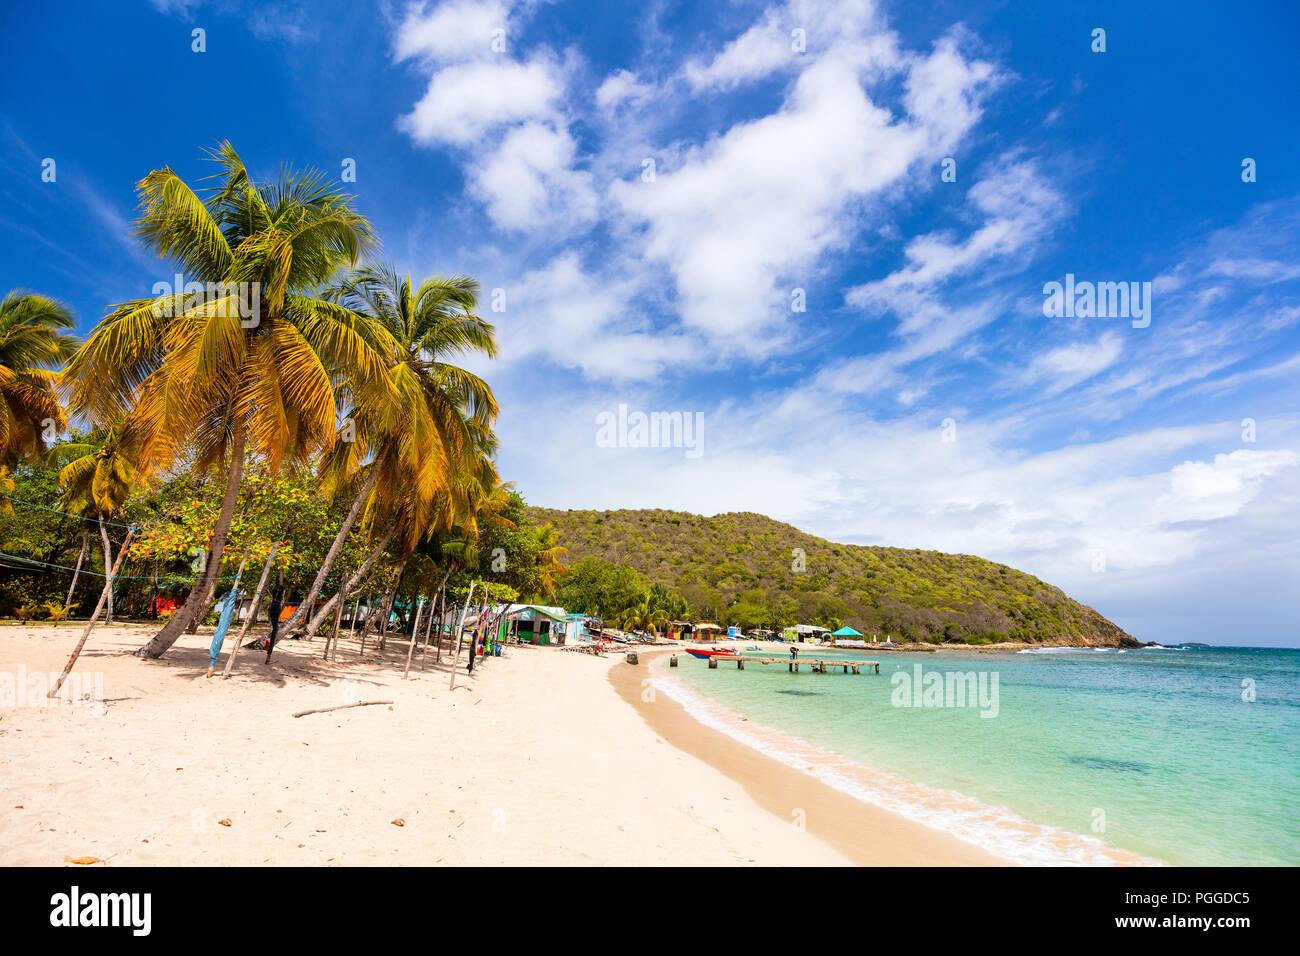 Idyllischen tropischen Strand mit weissem Sand, Palmen und das türkisblaue Karibische Meer Wasser auf mayreau Island in St. Vincent und die Grenadinen Stockbild